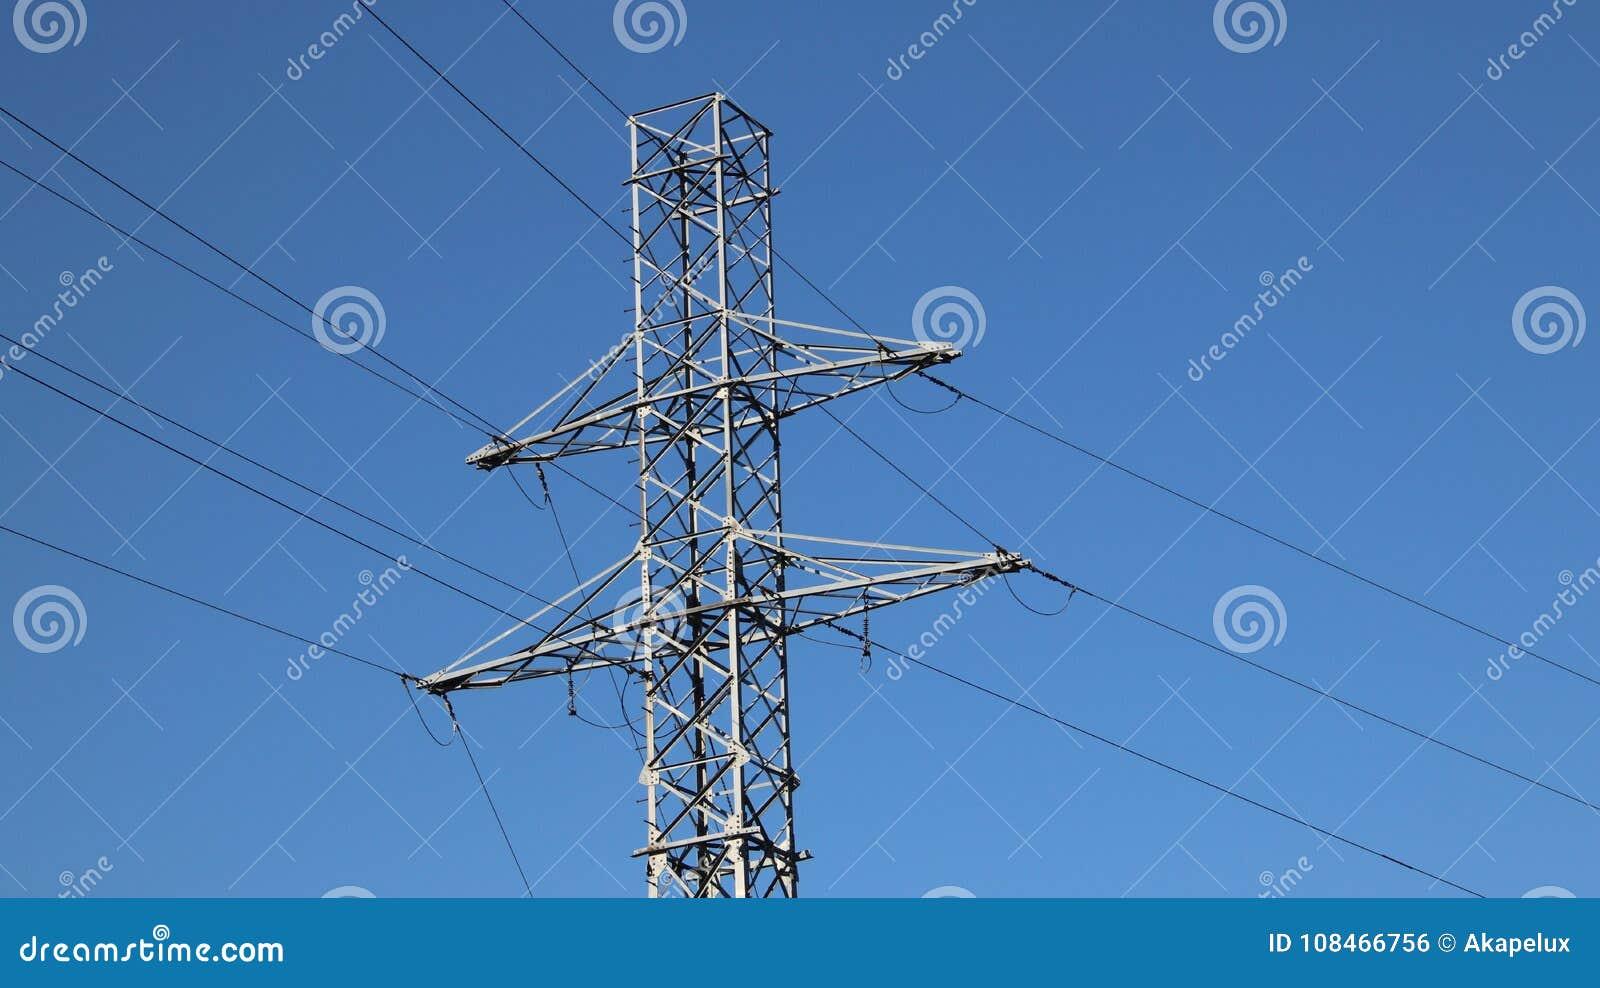 电网络杆 力量技术 金属化建筑 战略资源 生态力量